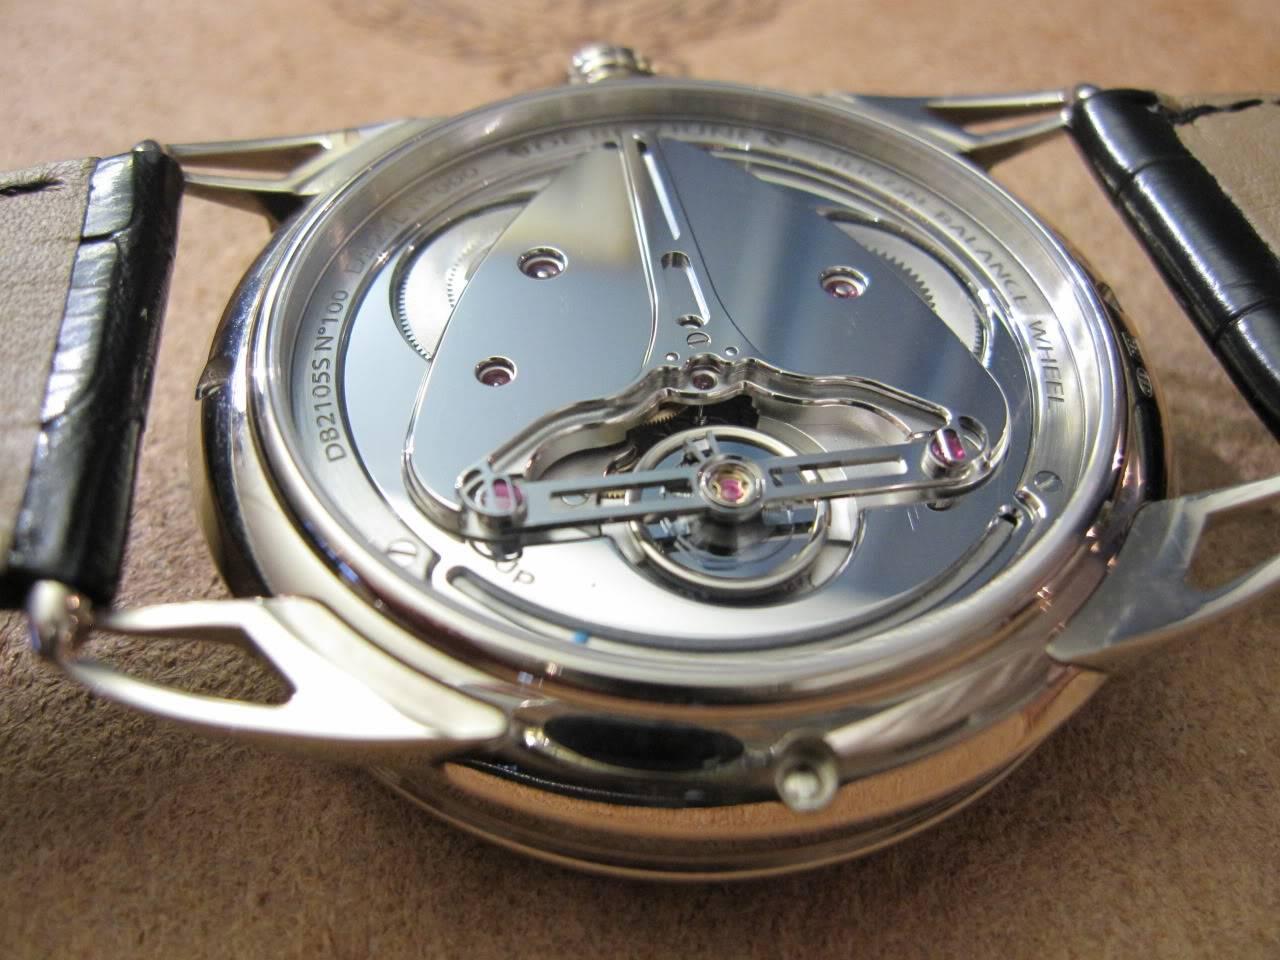 Où l'horlogerie devient art... (De Bethune inside) DB_SIHH2010_008